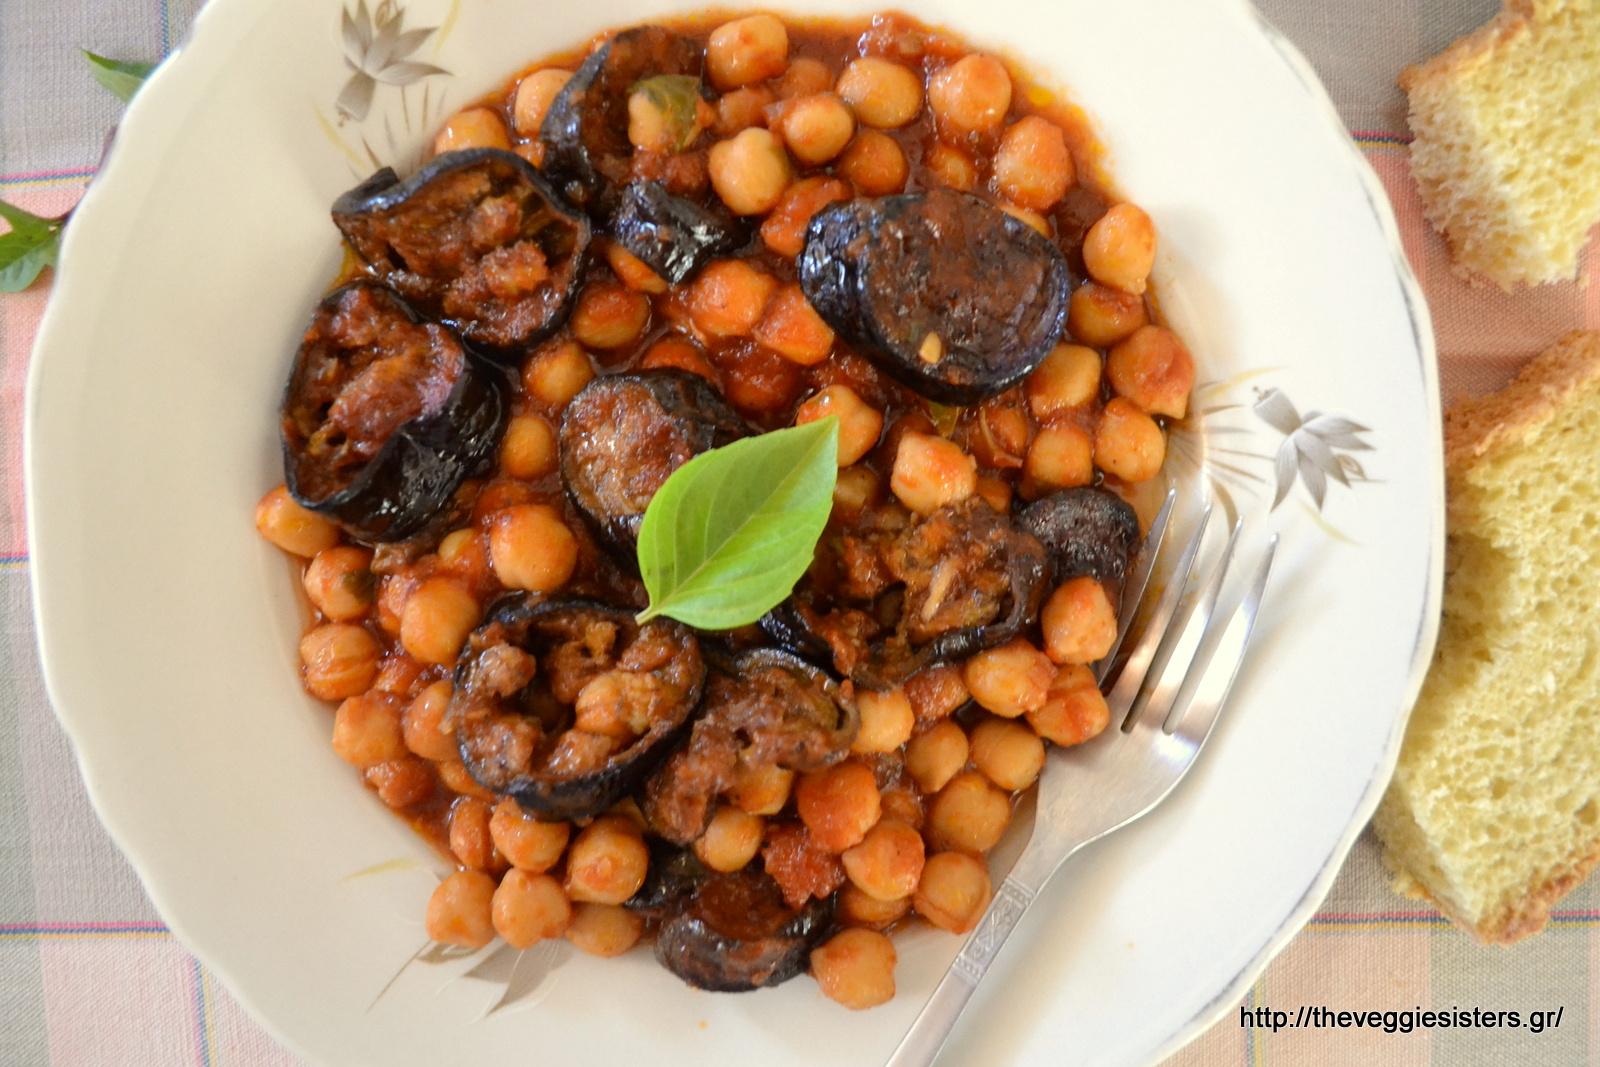 Ρεβίθια με μελιτζάνες στον φούρνο- Baked eggplant chickpeas